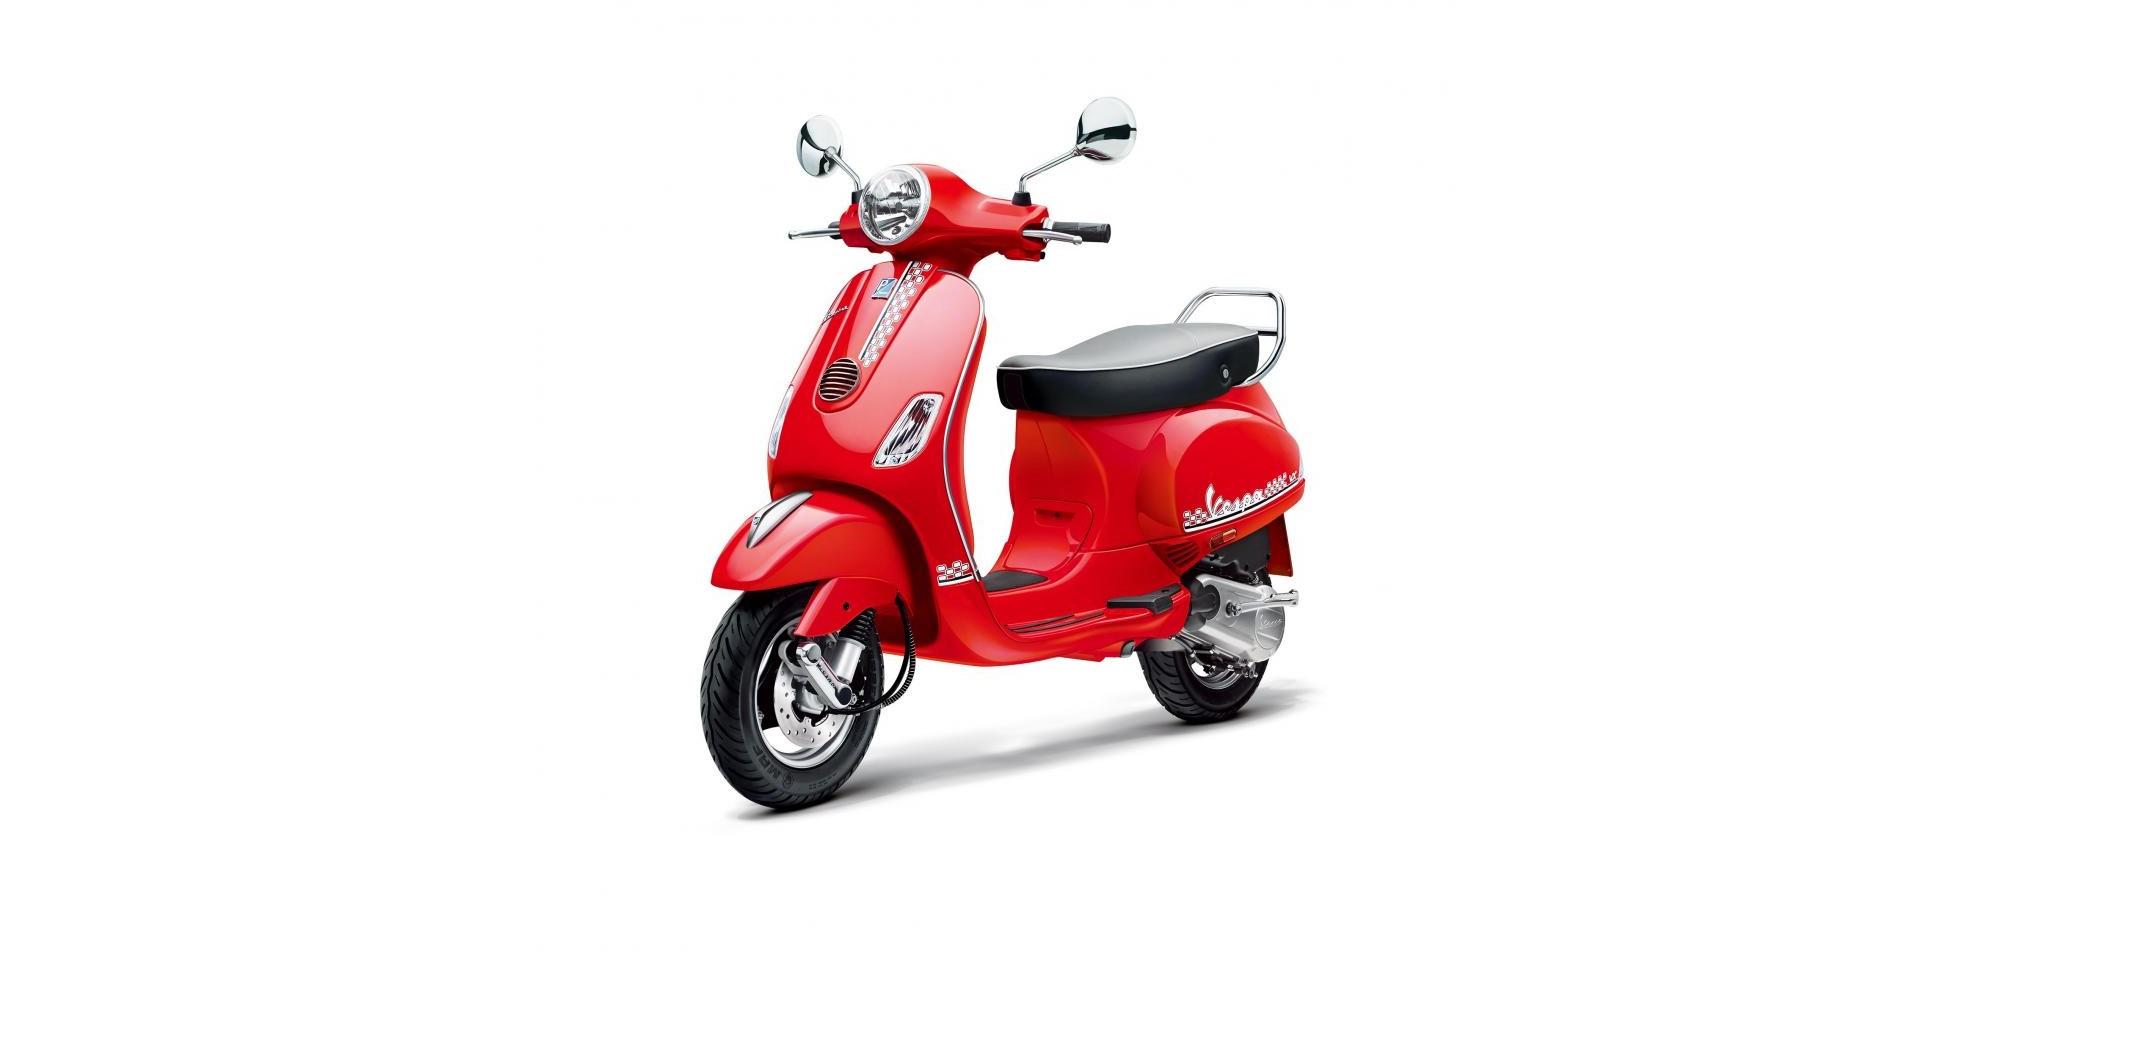 Limited edition Piaggio Vespa Esclusivo launched